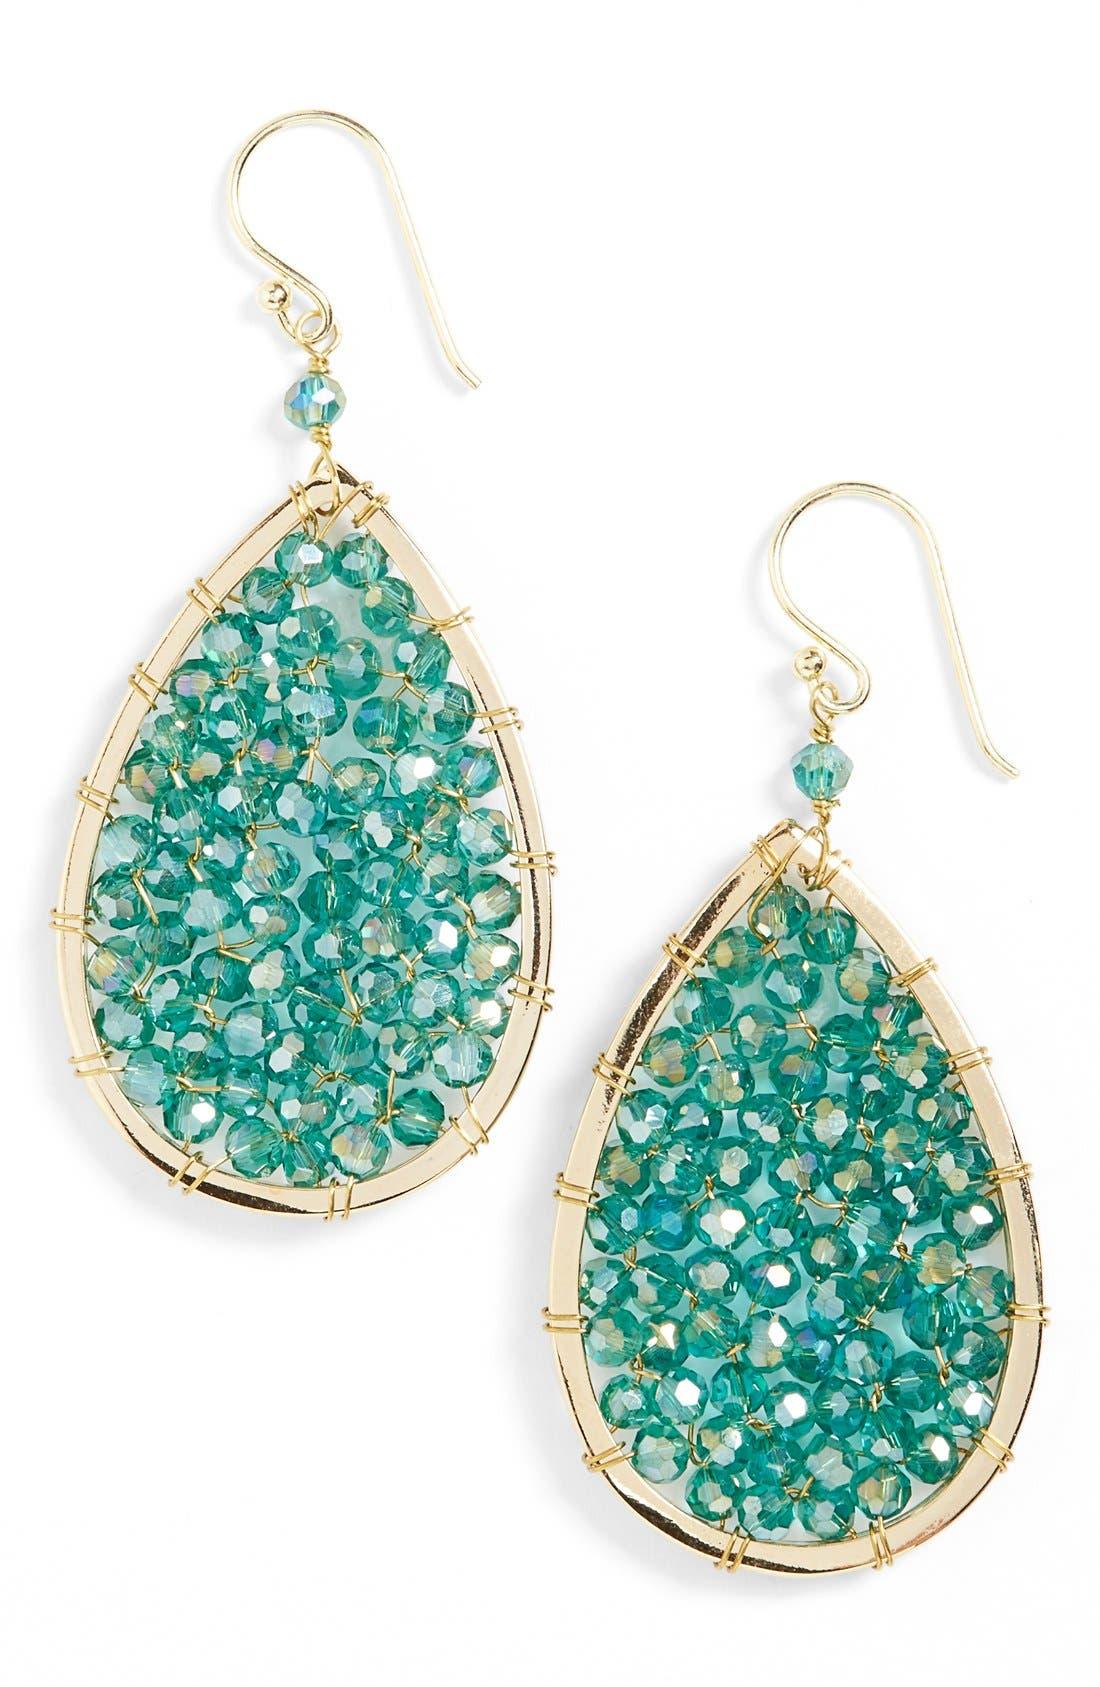 Alternate Image 1 Selected - Panacea Crystal Teardrop Earrings